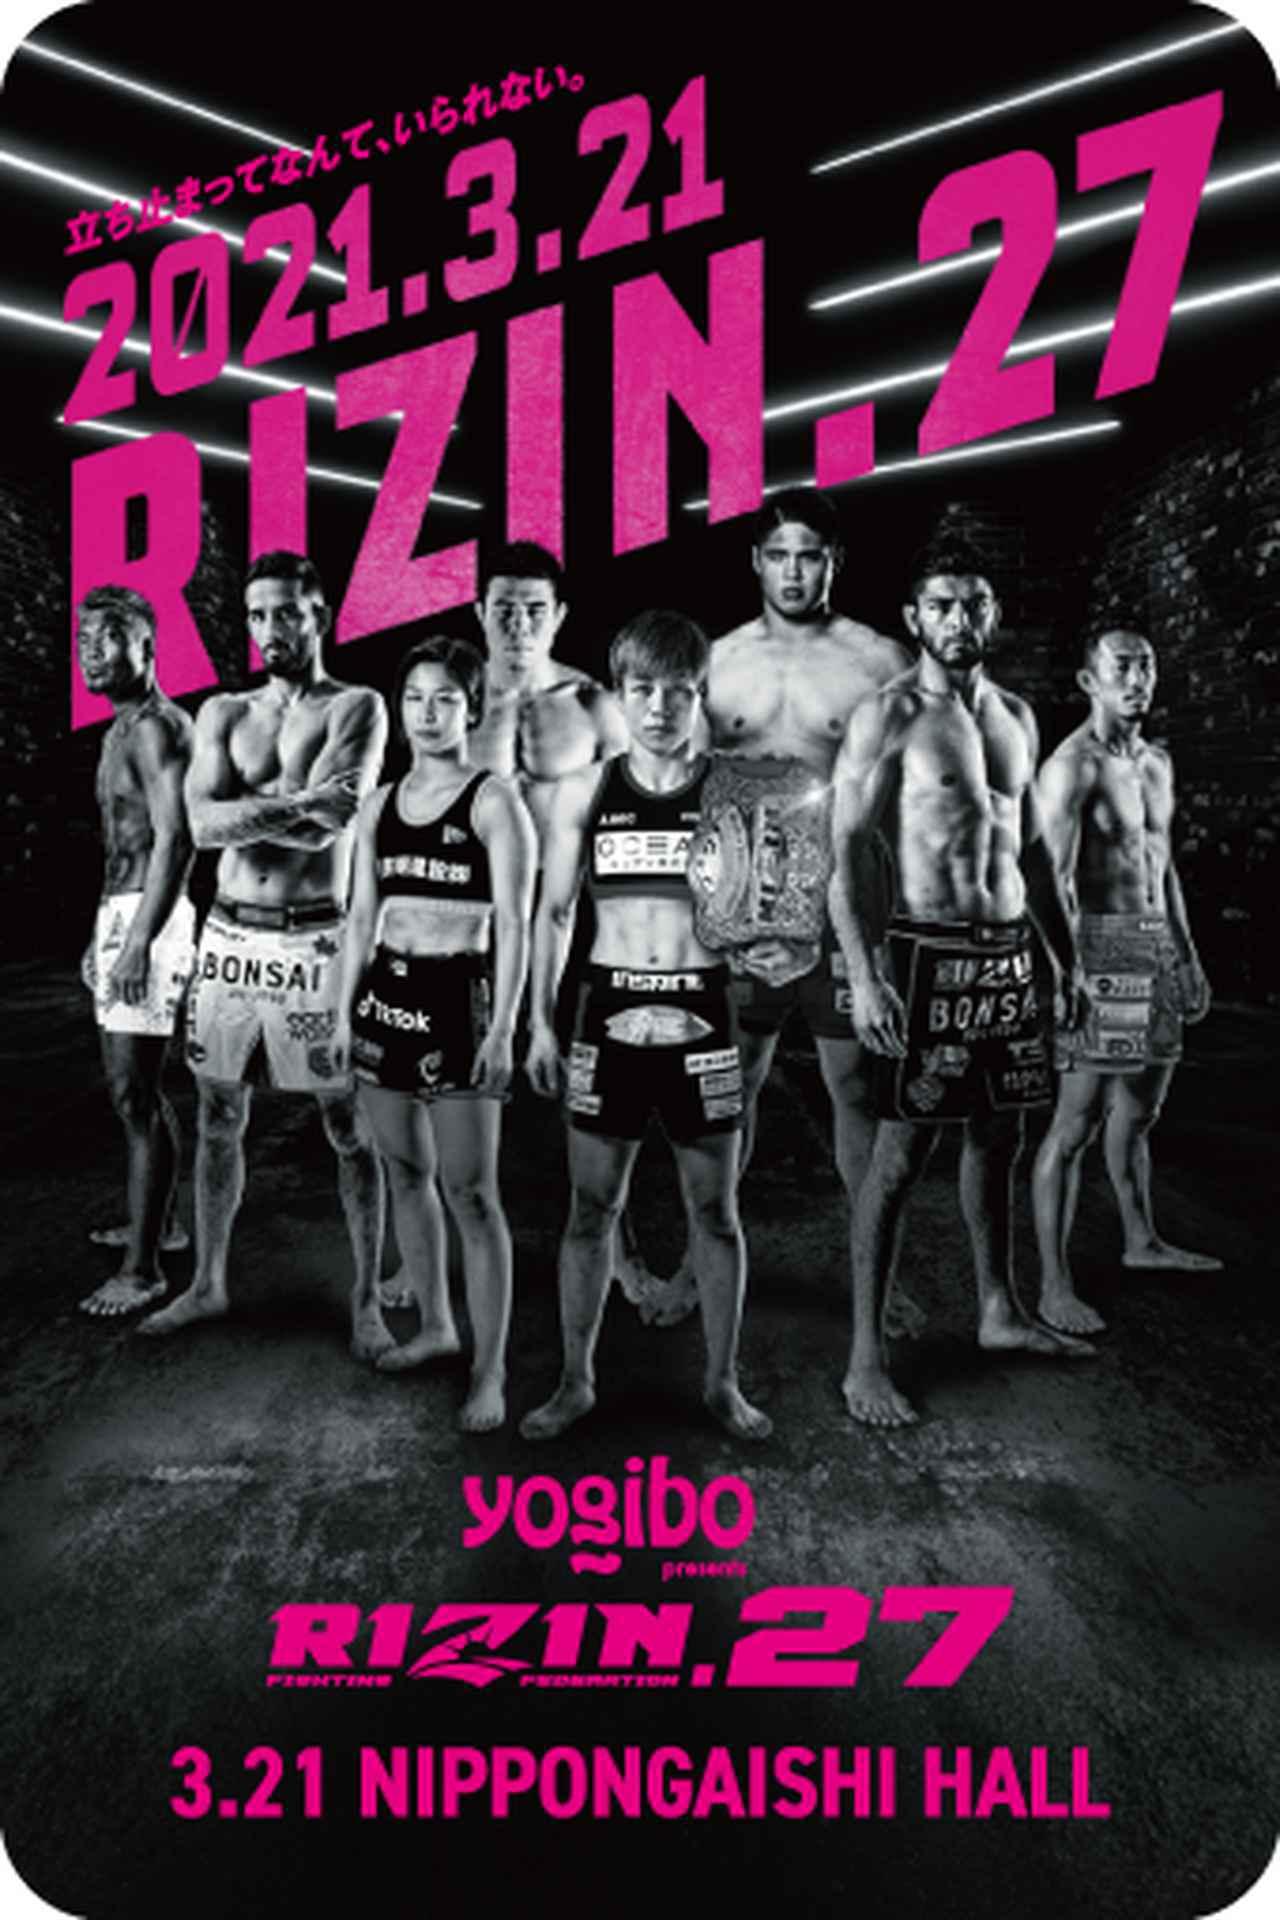 画像: 「Yogibo presents RIZIN.27」オリジナルマグネットシート ※画像はイメージです。